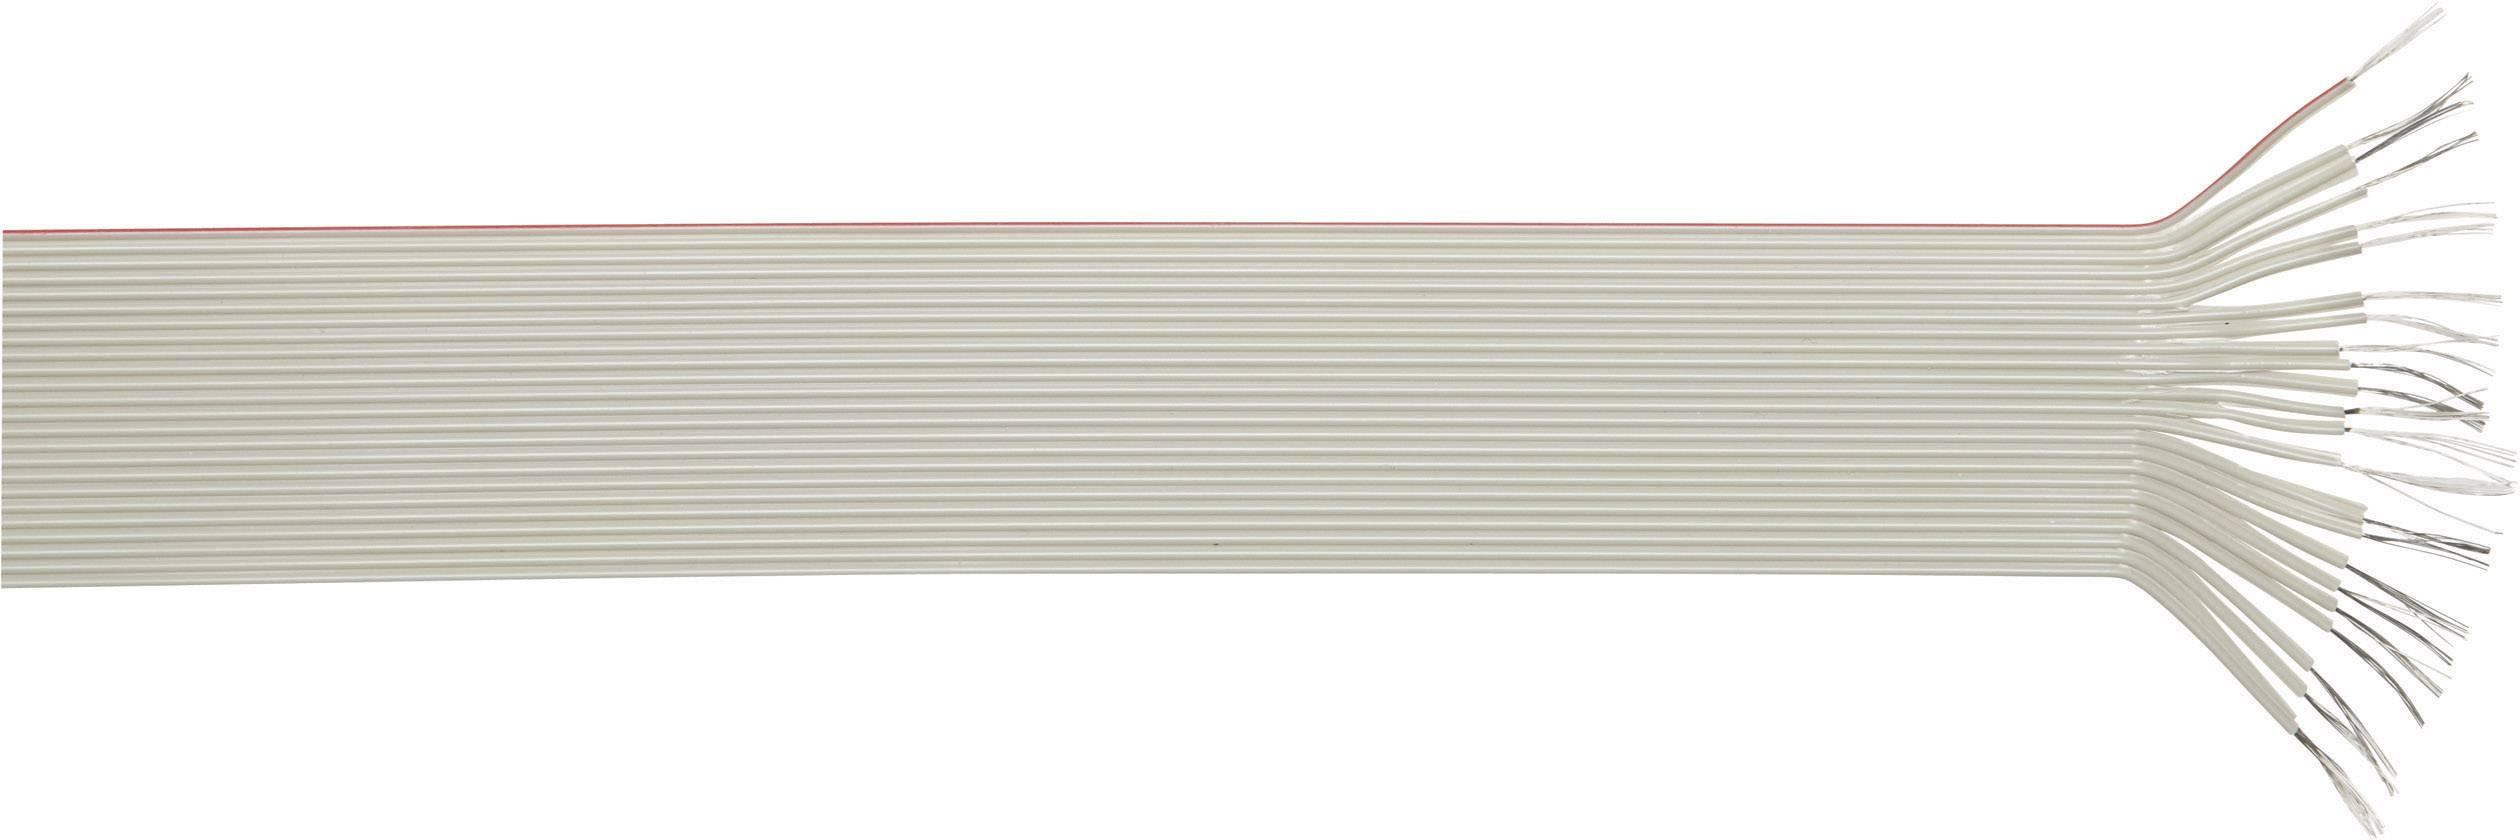 Plochý kábel LappKabel 49900056, rozteč 1.27 mm, 16 x 0.09 mm², sivá, metrový tovar